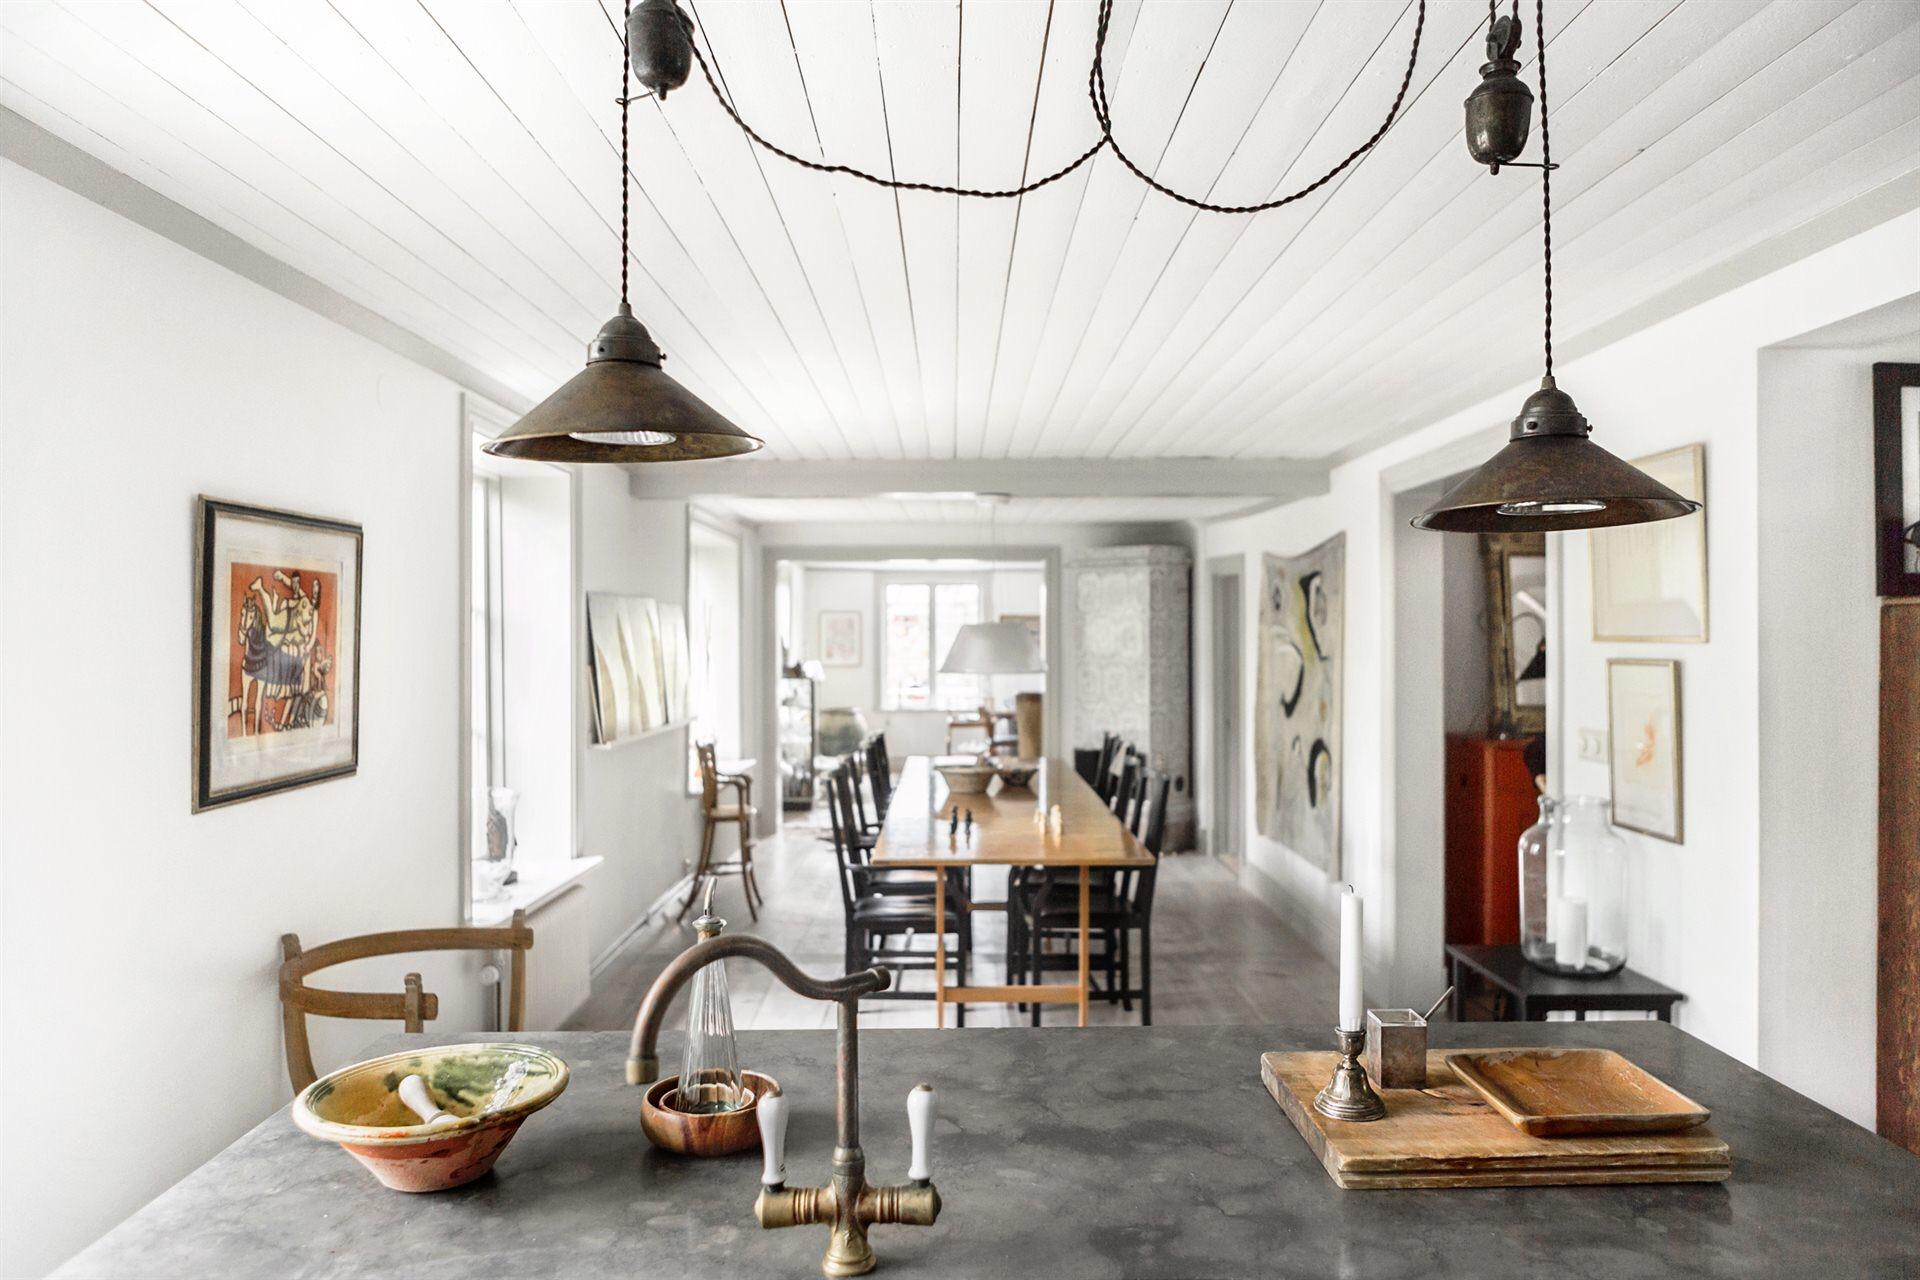 кухонный остров подвесные лампы столешница